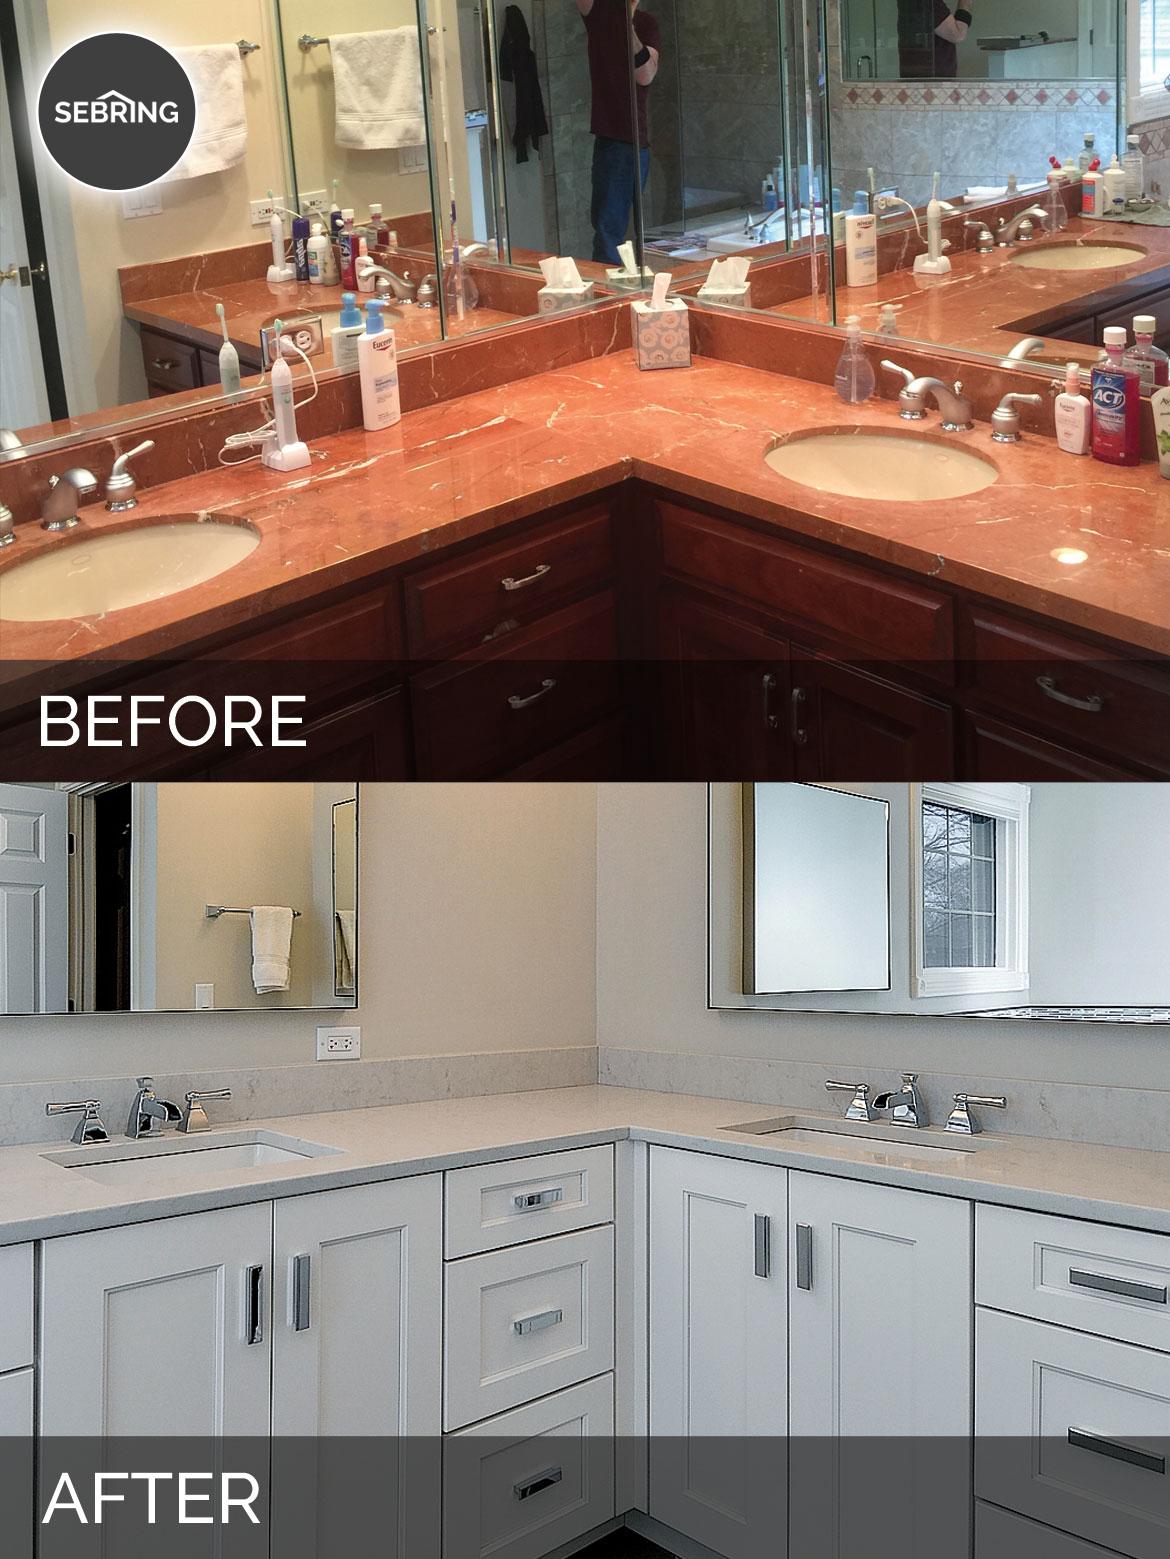 Master Bathroom Remodel Hinsdale Before & After - Sebring Design Build